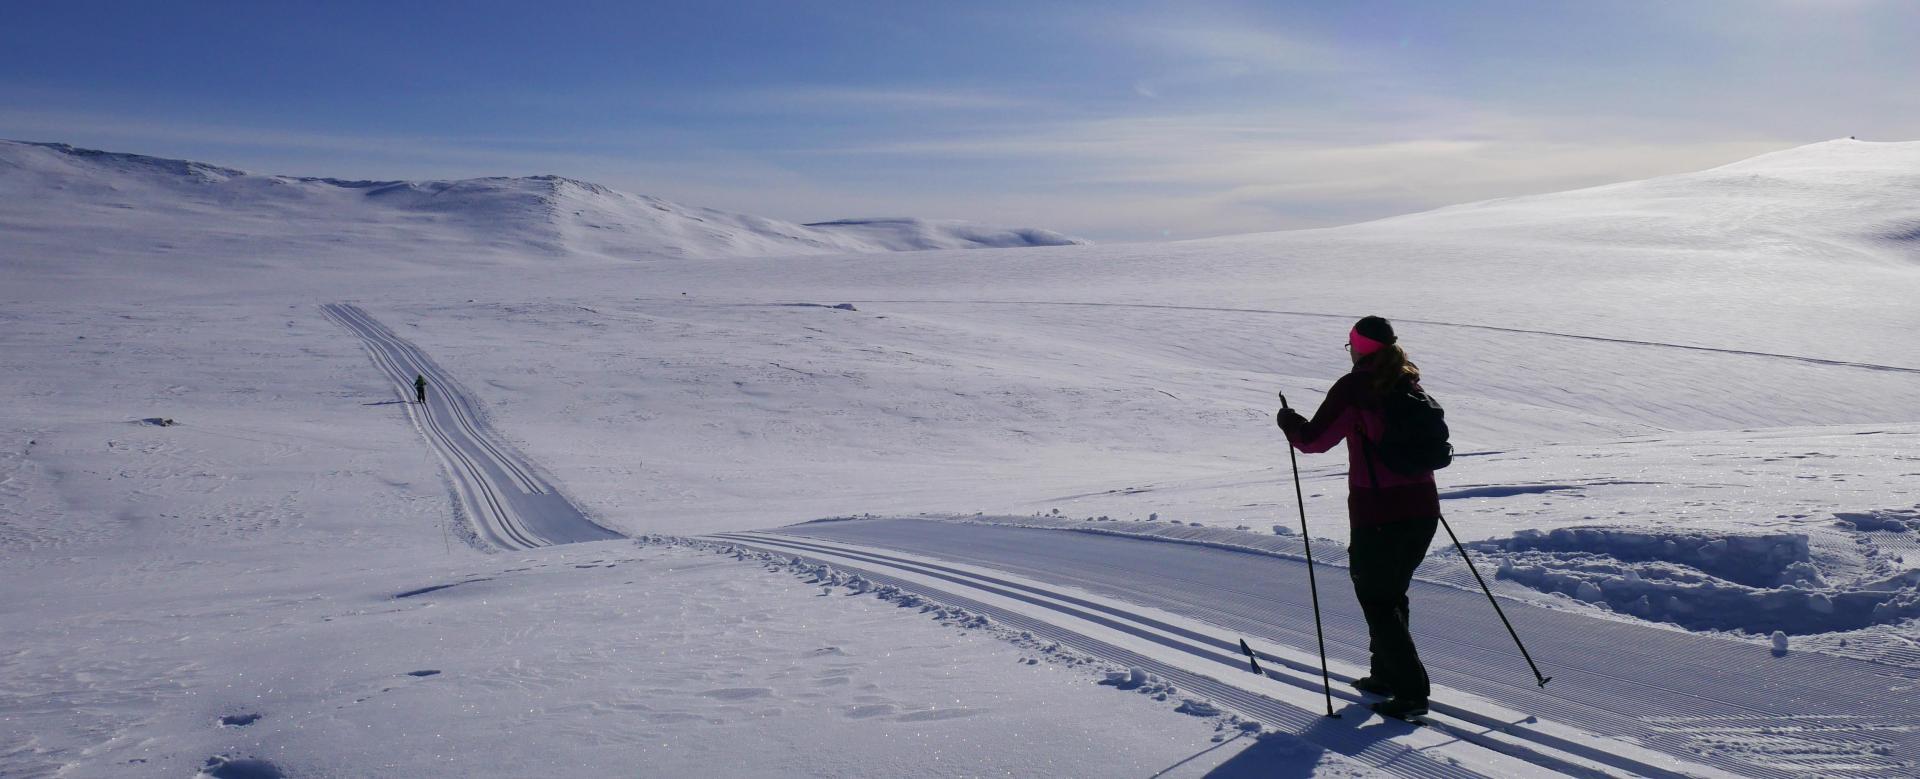 Voyage à pied : Norvège : Ski nordique jotunheimen et rondane